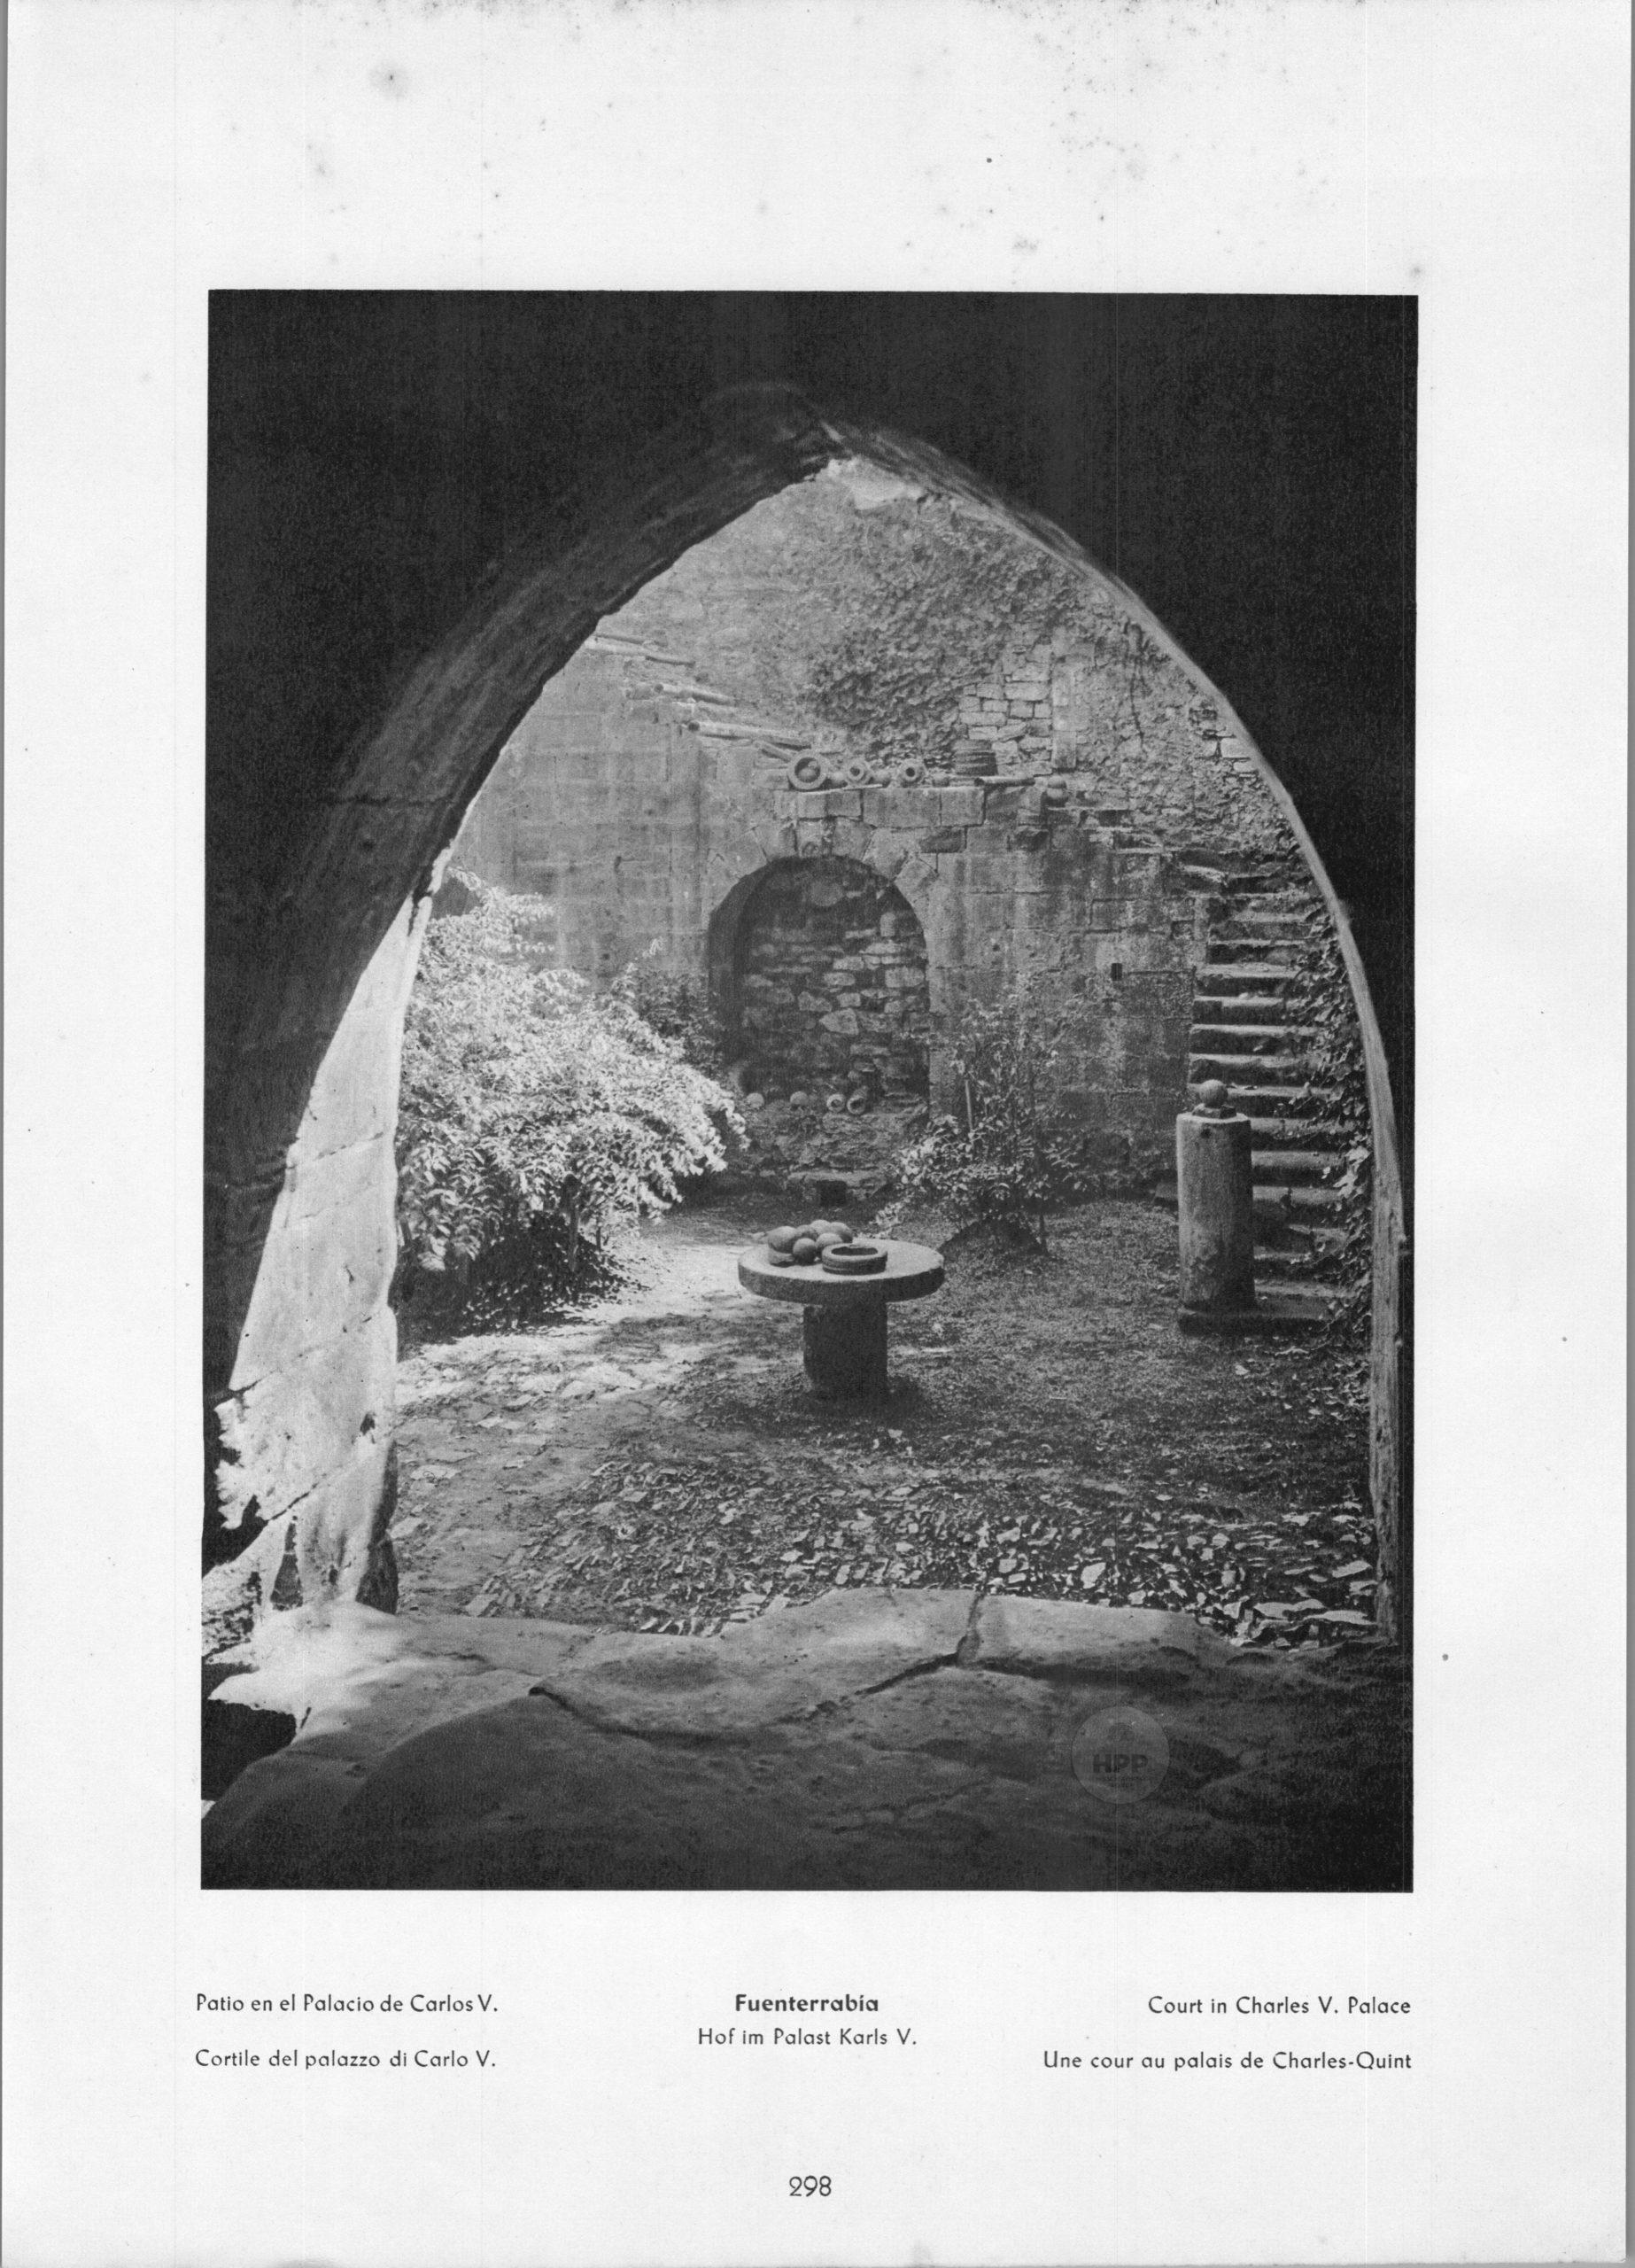 Fuenterrabia Palacio de Carlos V. - Patio